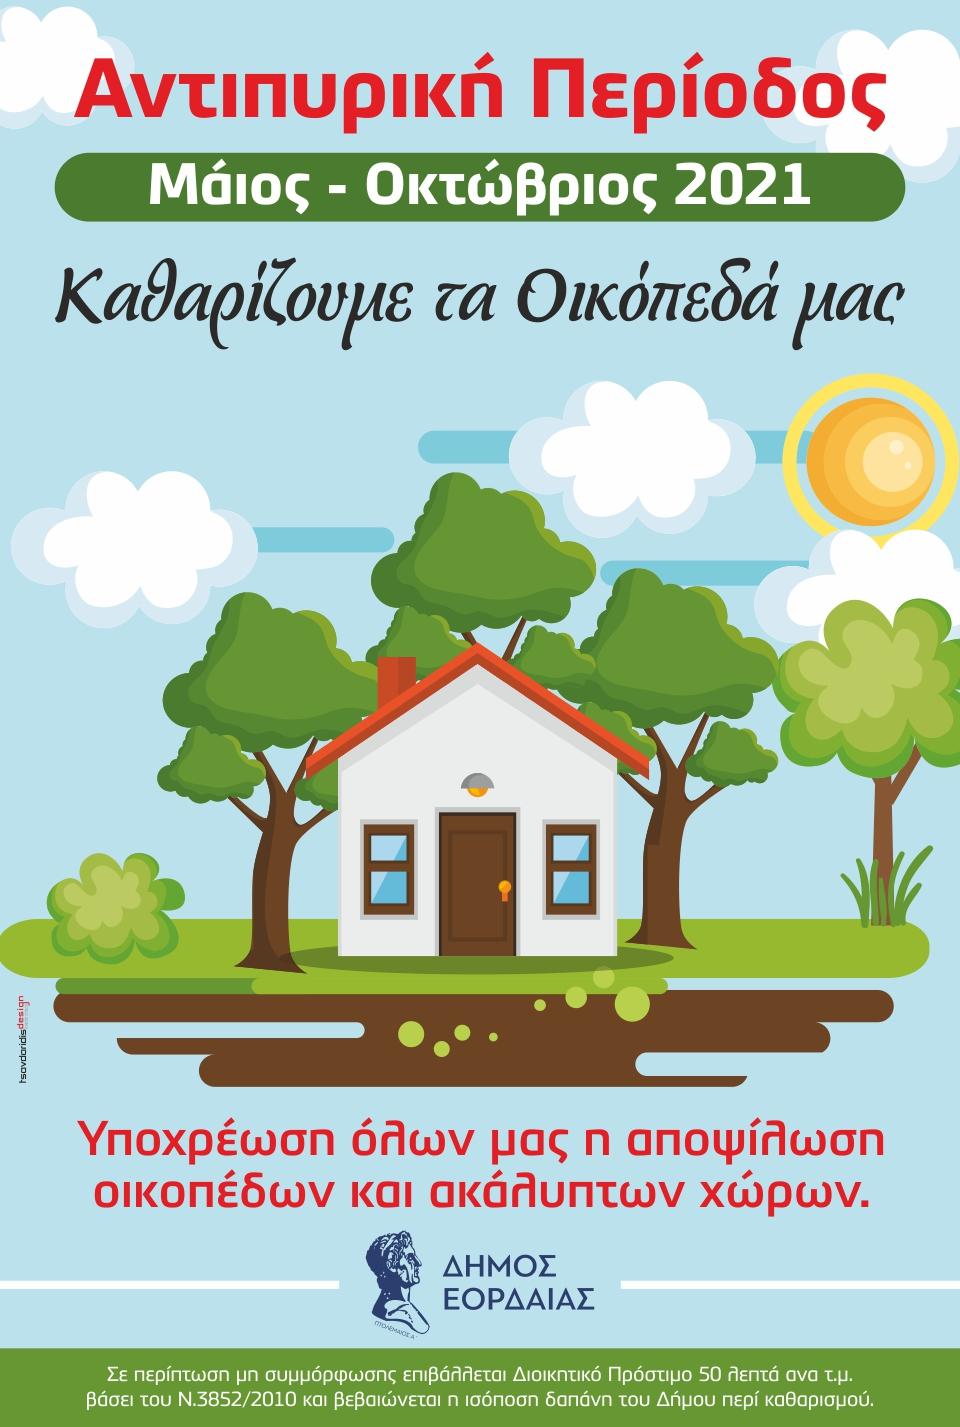 dimos_eordaias_antipyriki_periodos